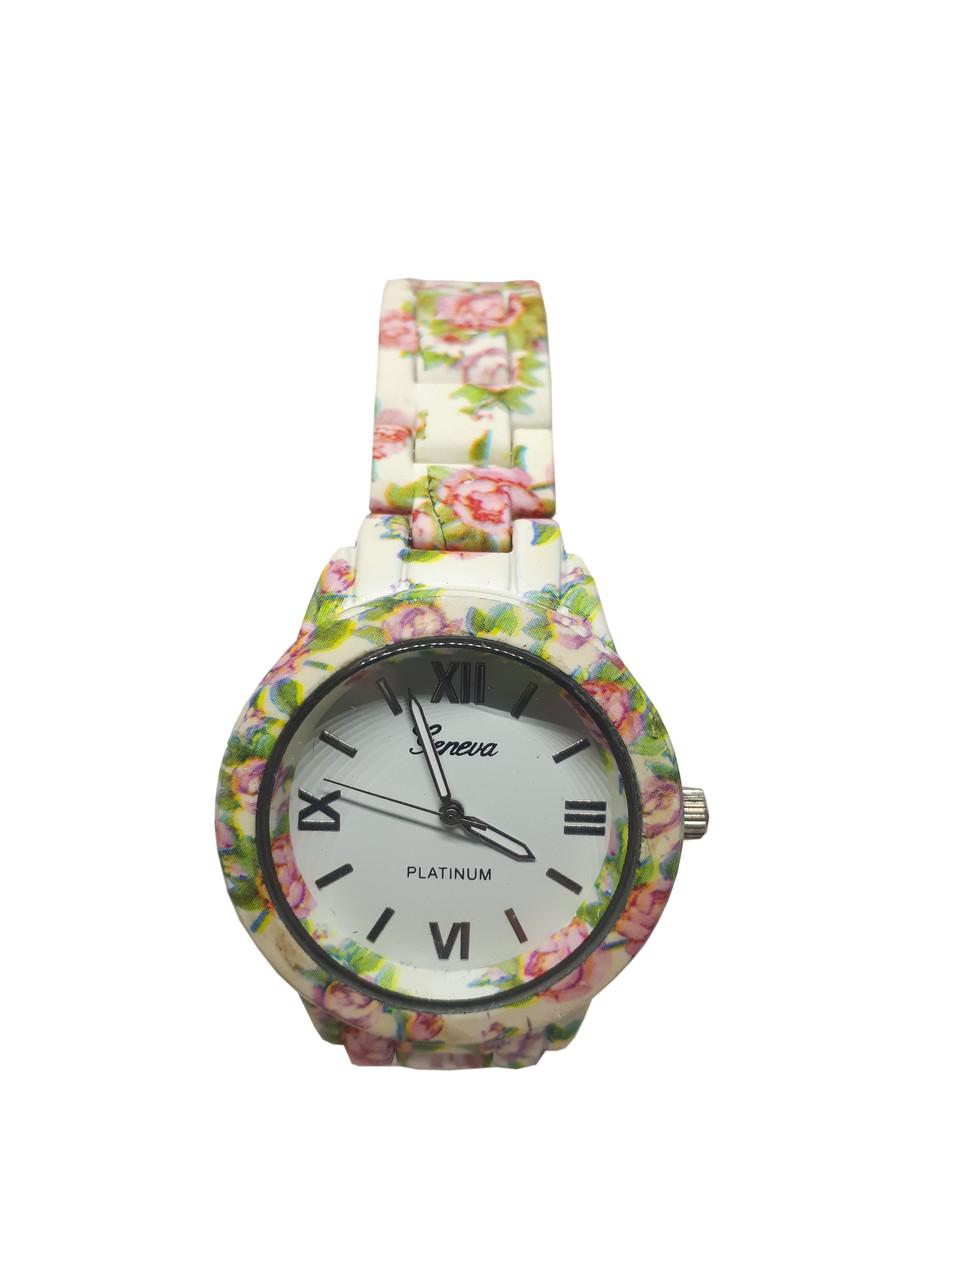 Женские часы  Geneva Flower PN308 на браслете под керамику. опт